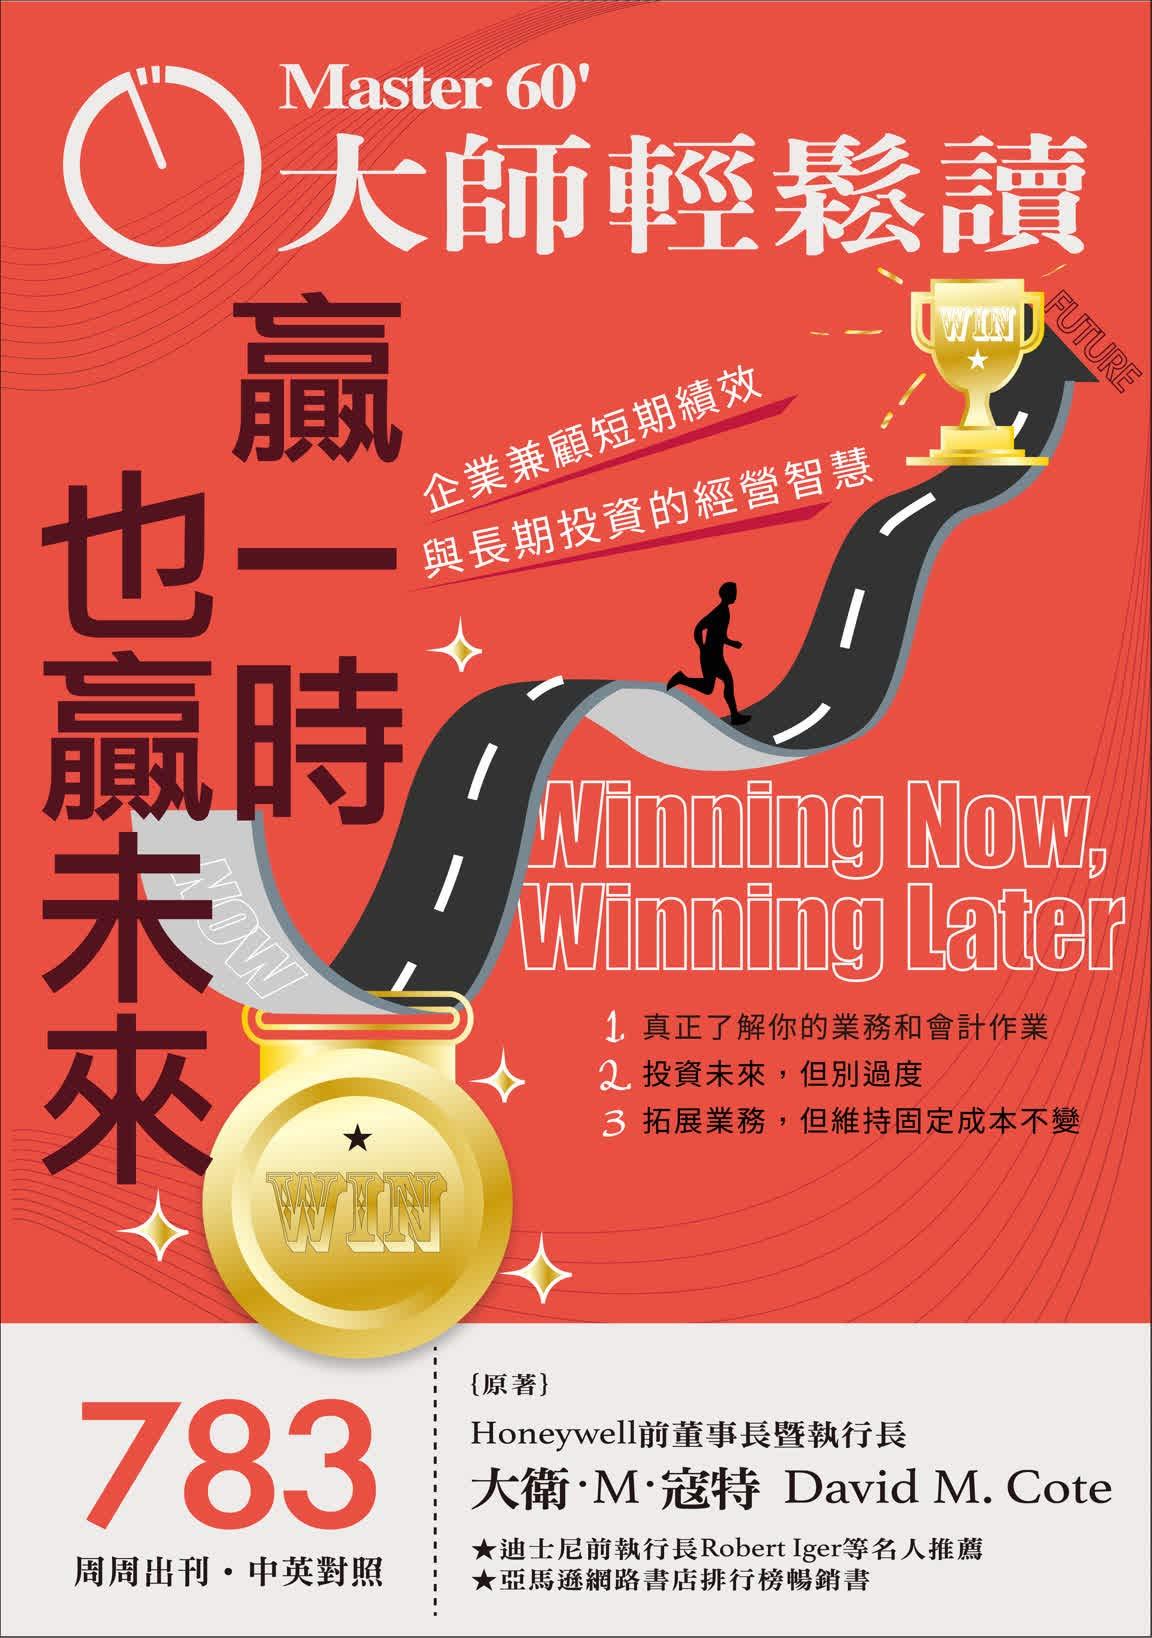 贏一時也贏未來: 企業兼顧短期績效與長期投資的經營智慧 (大師輕鬆讀 Book 783) (Traditional Chinese Edition)